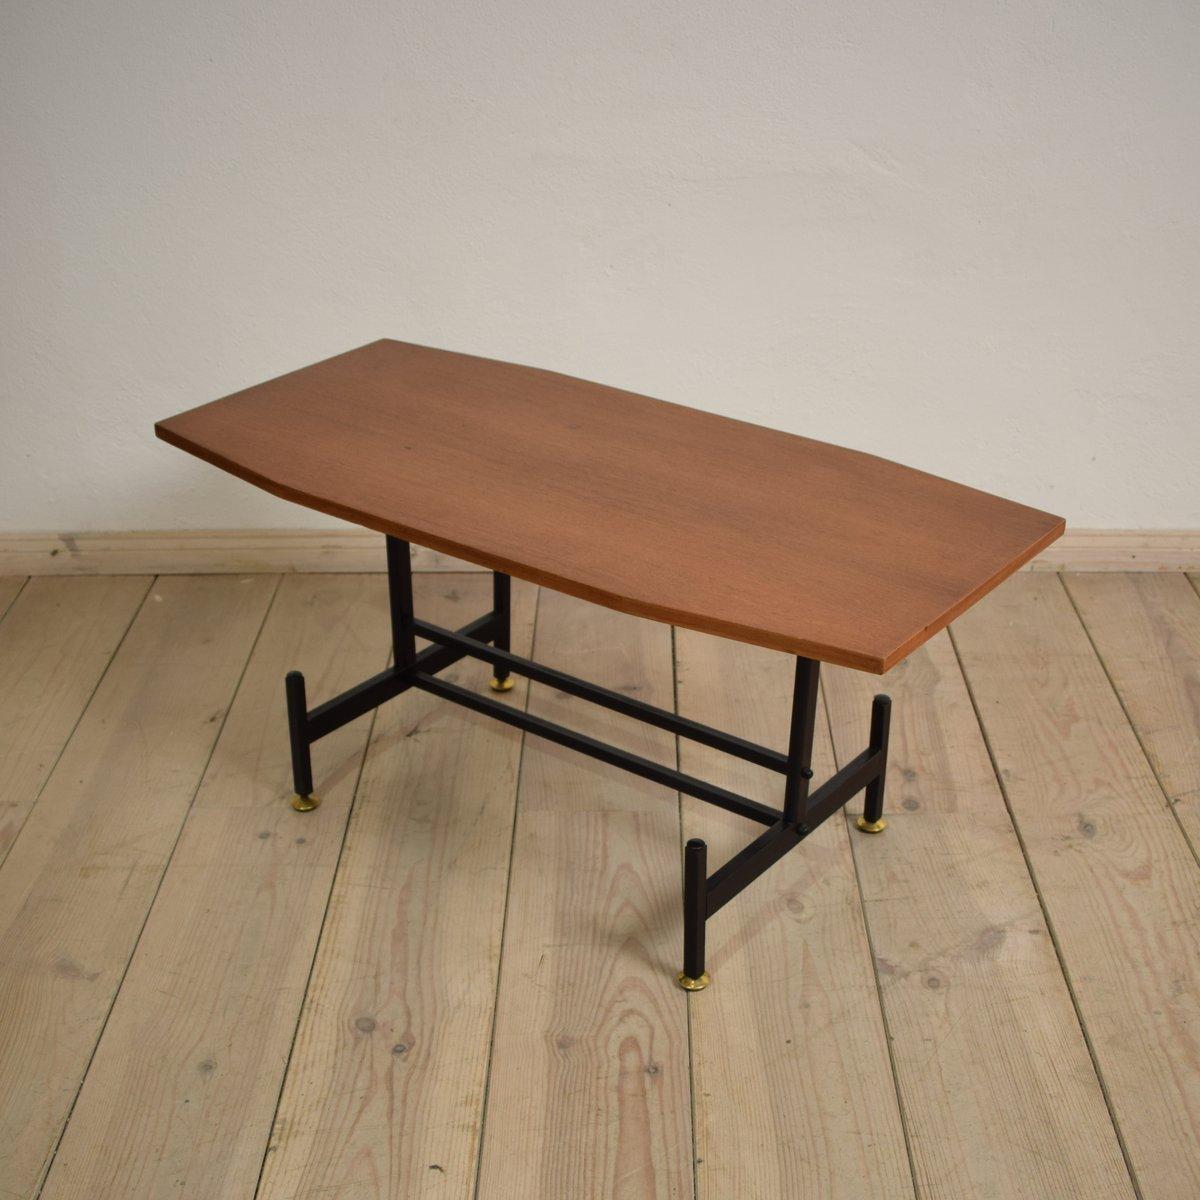 italienischer teak beistelltisch 1970er bei pamono kaufen. Black Bedroom Furniture Sets. Home Design Ideas